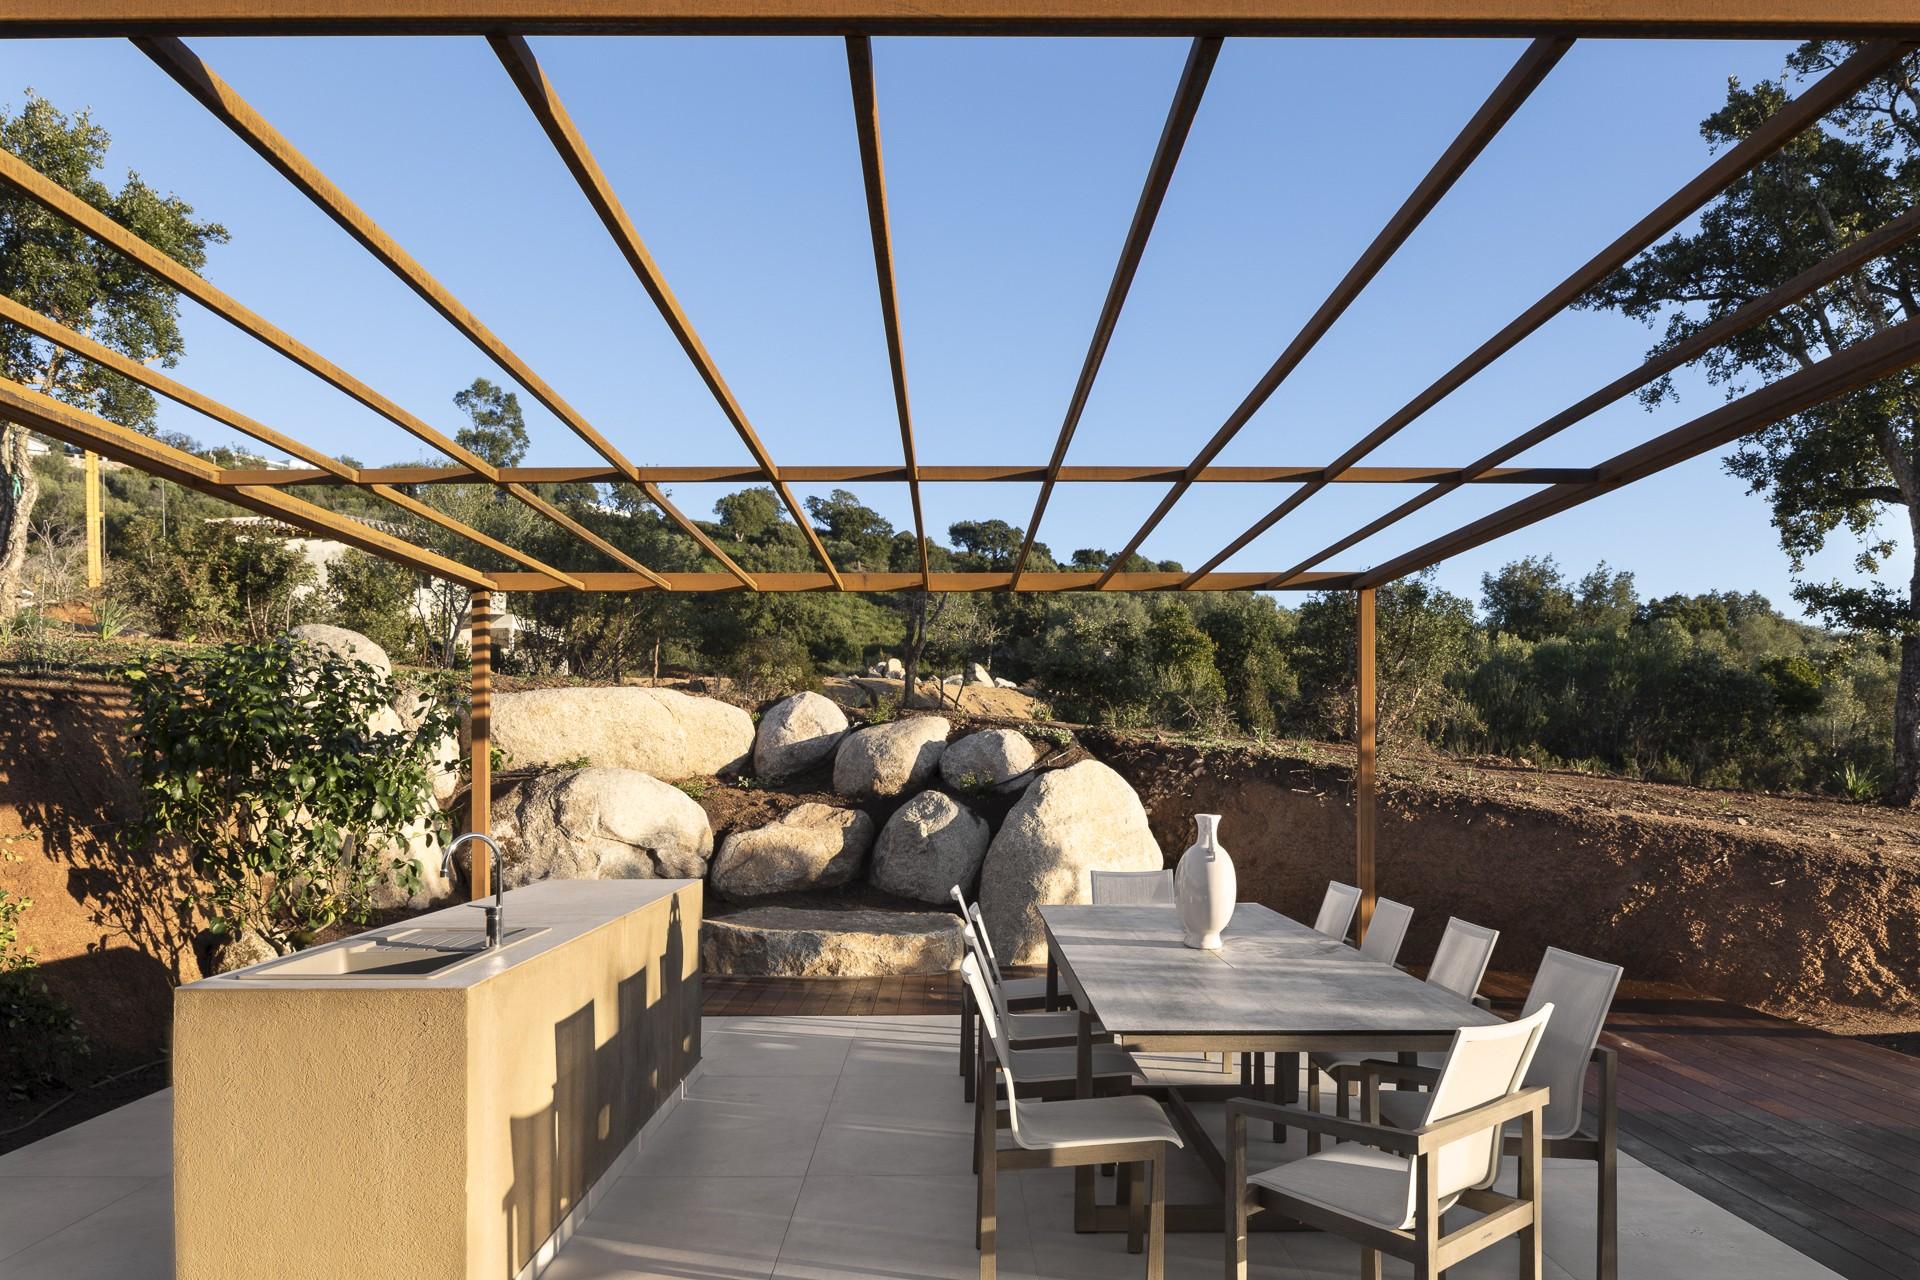 Porto Vecchio Luxury Rental Villa Perle Outdoor Dining Room